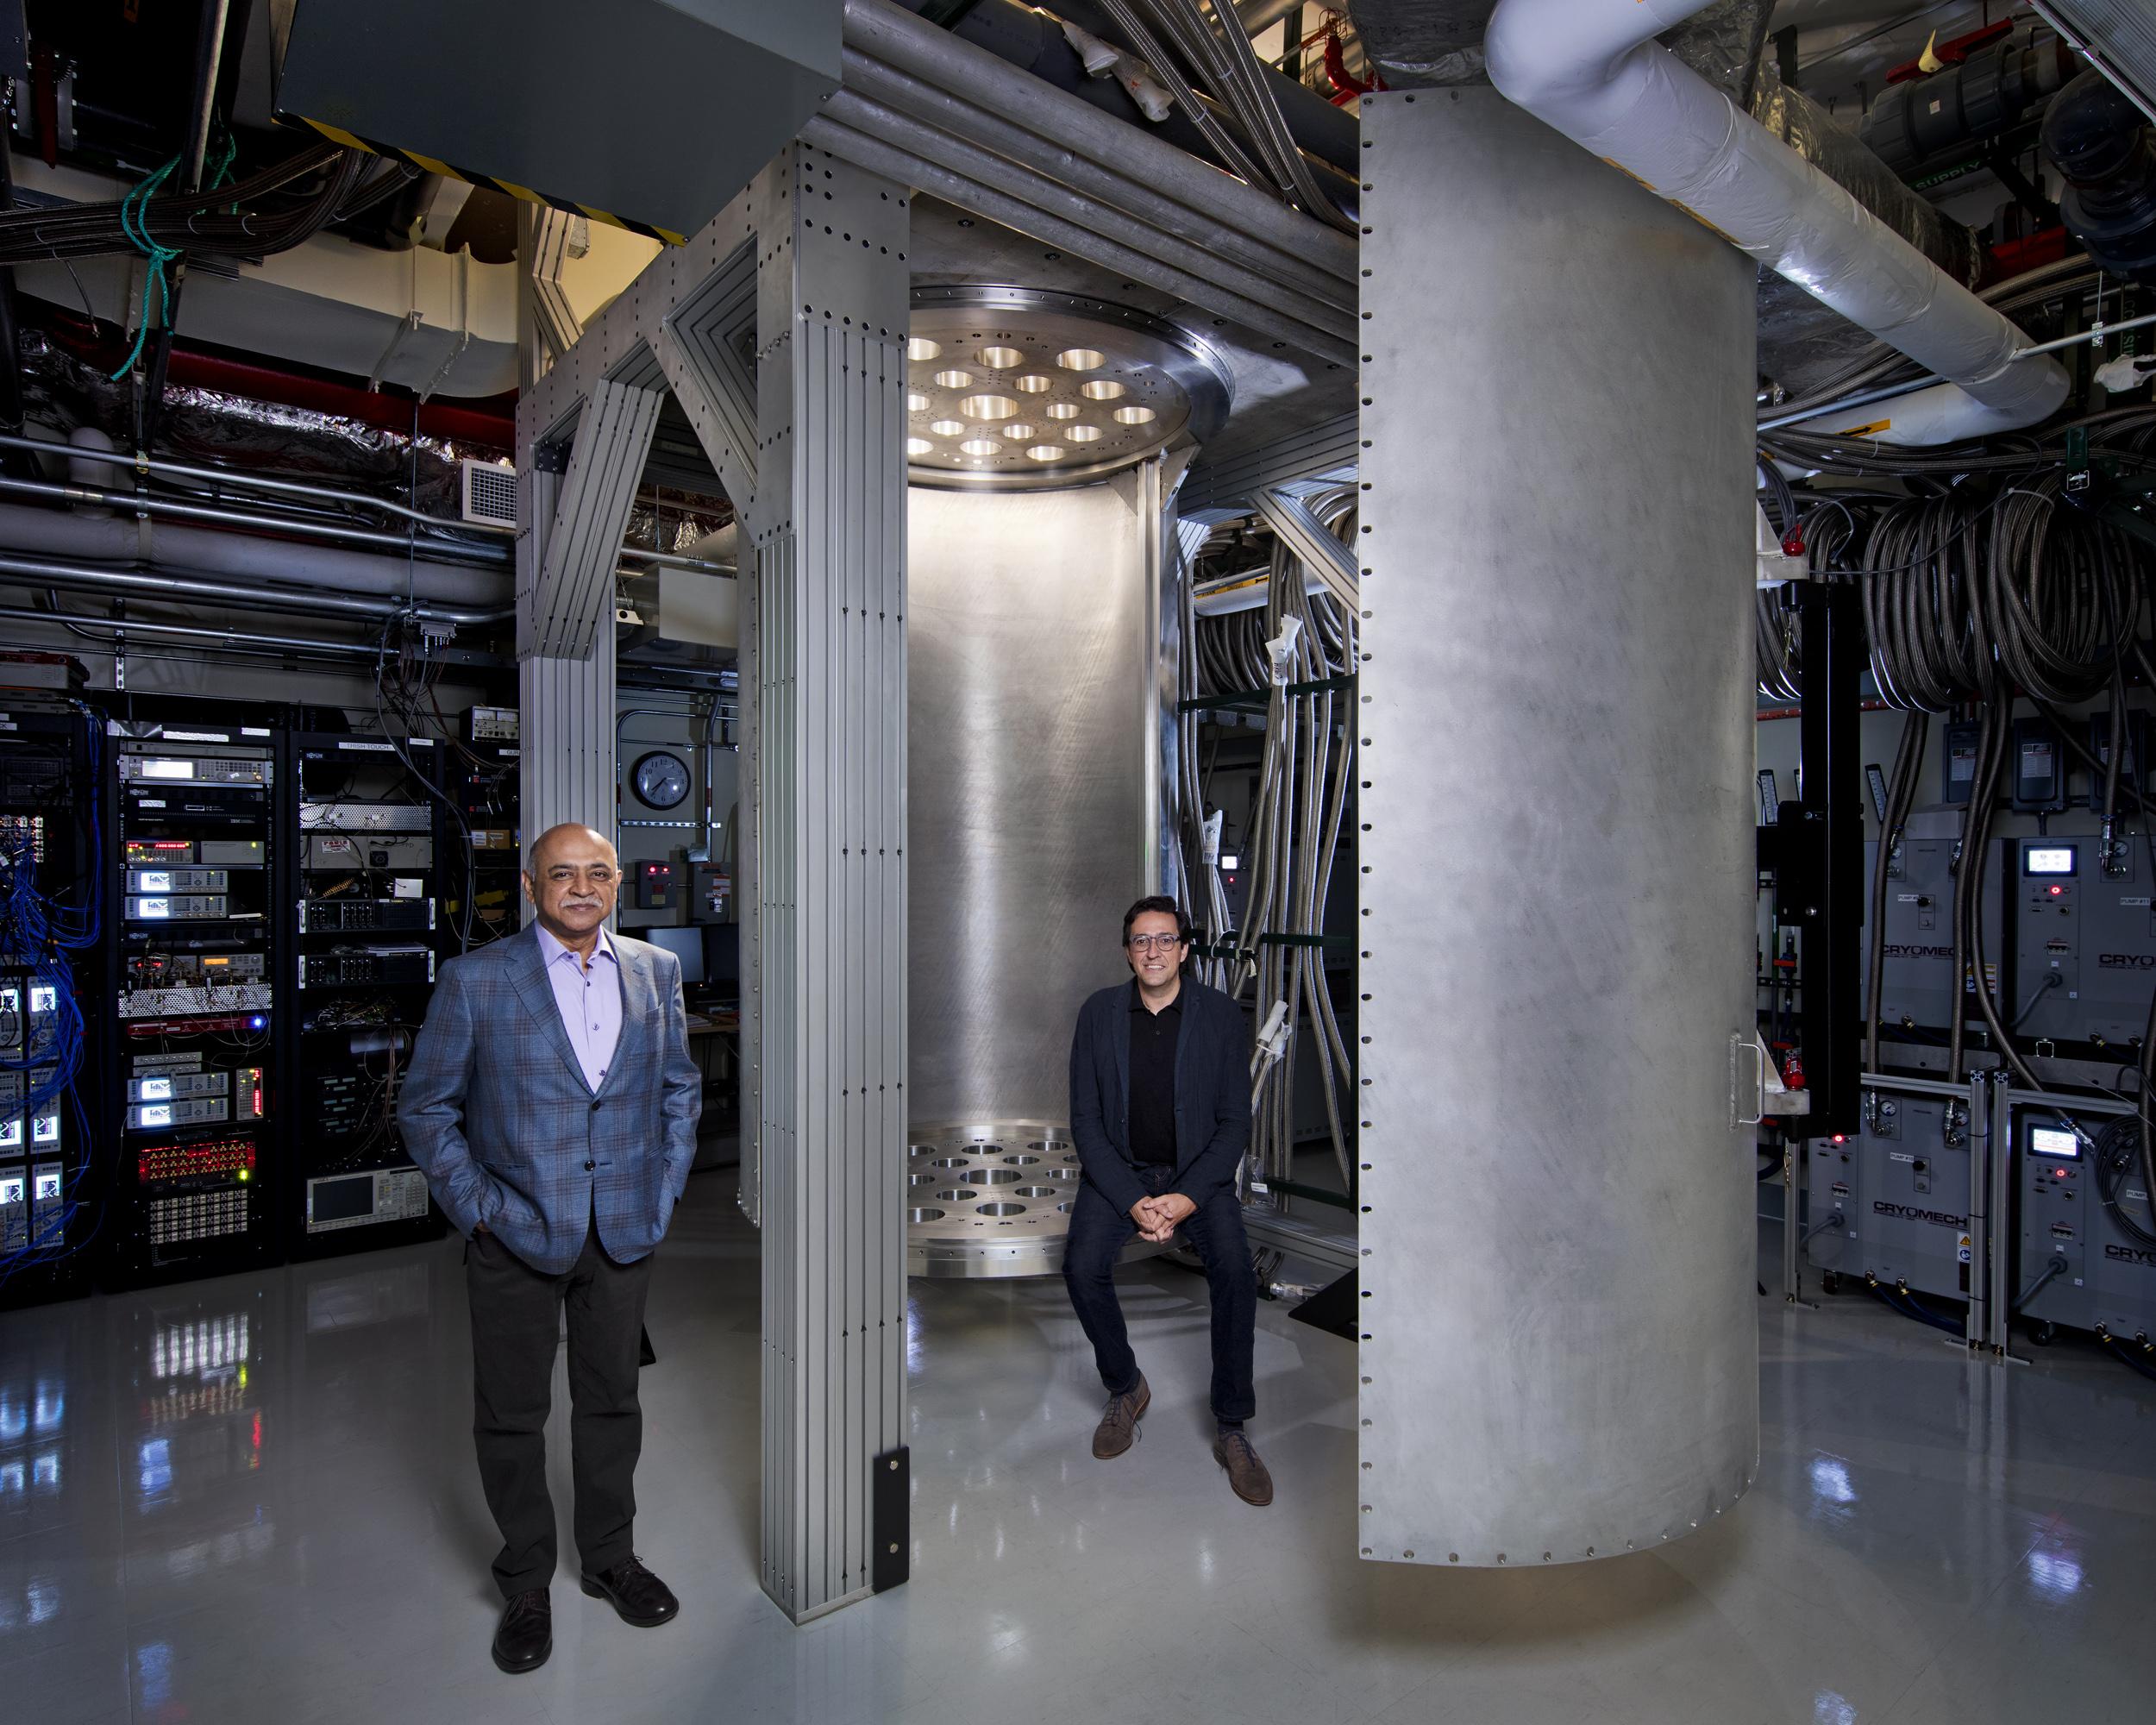 IBM quantum computing roadmap aims for 1,121-qubit machine in 2023